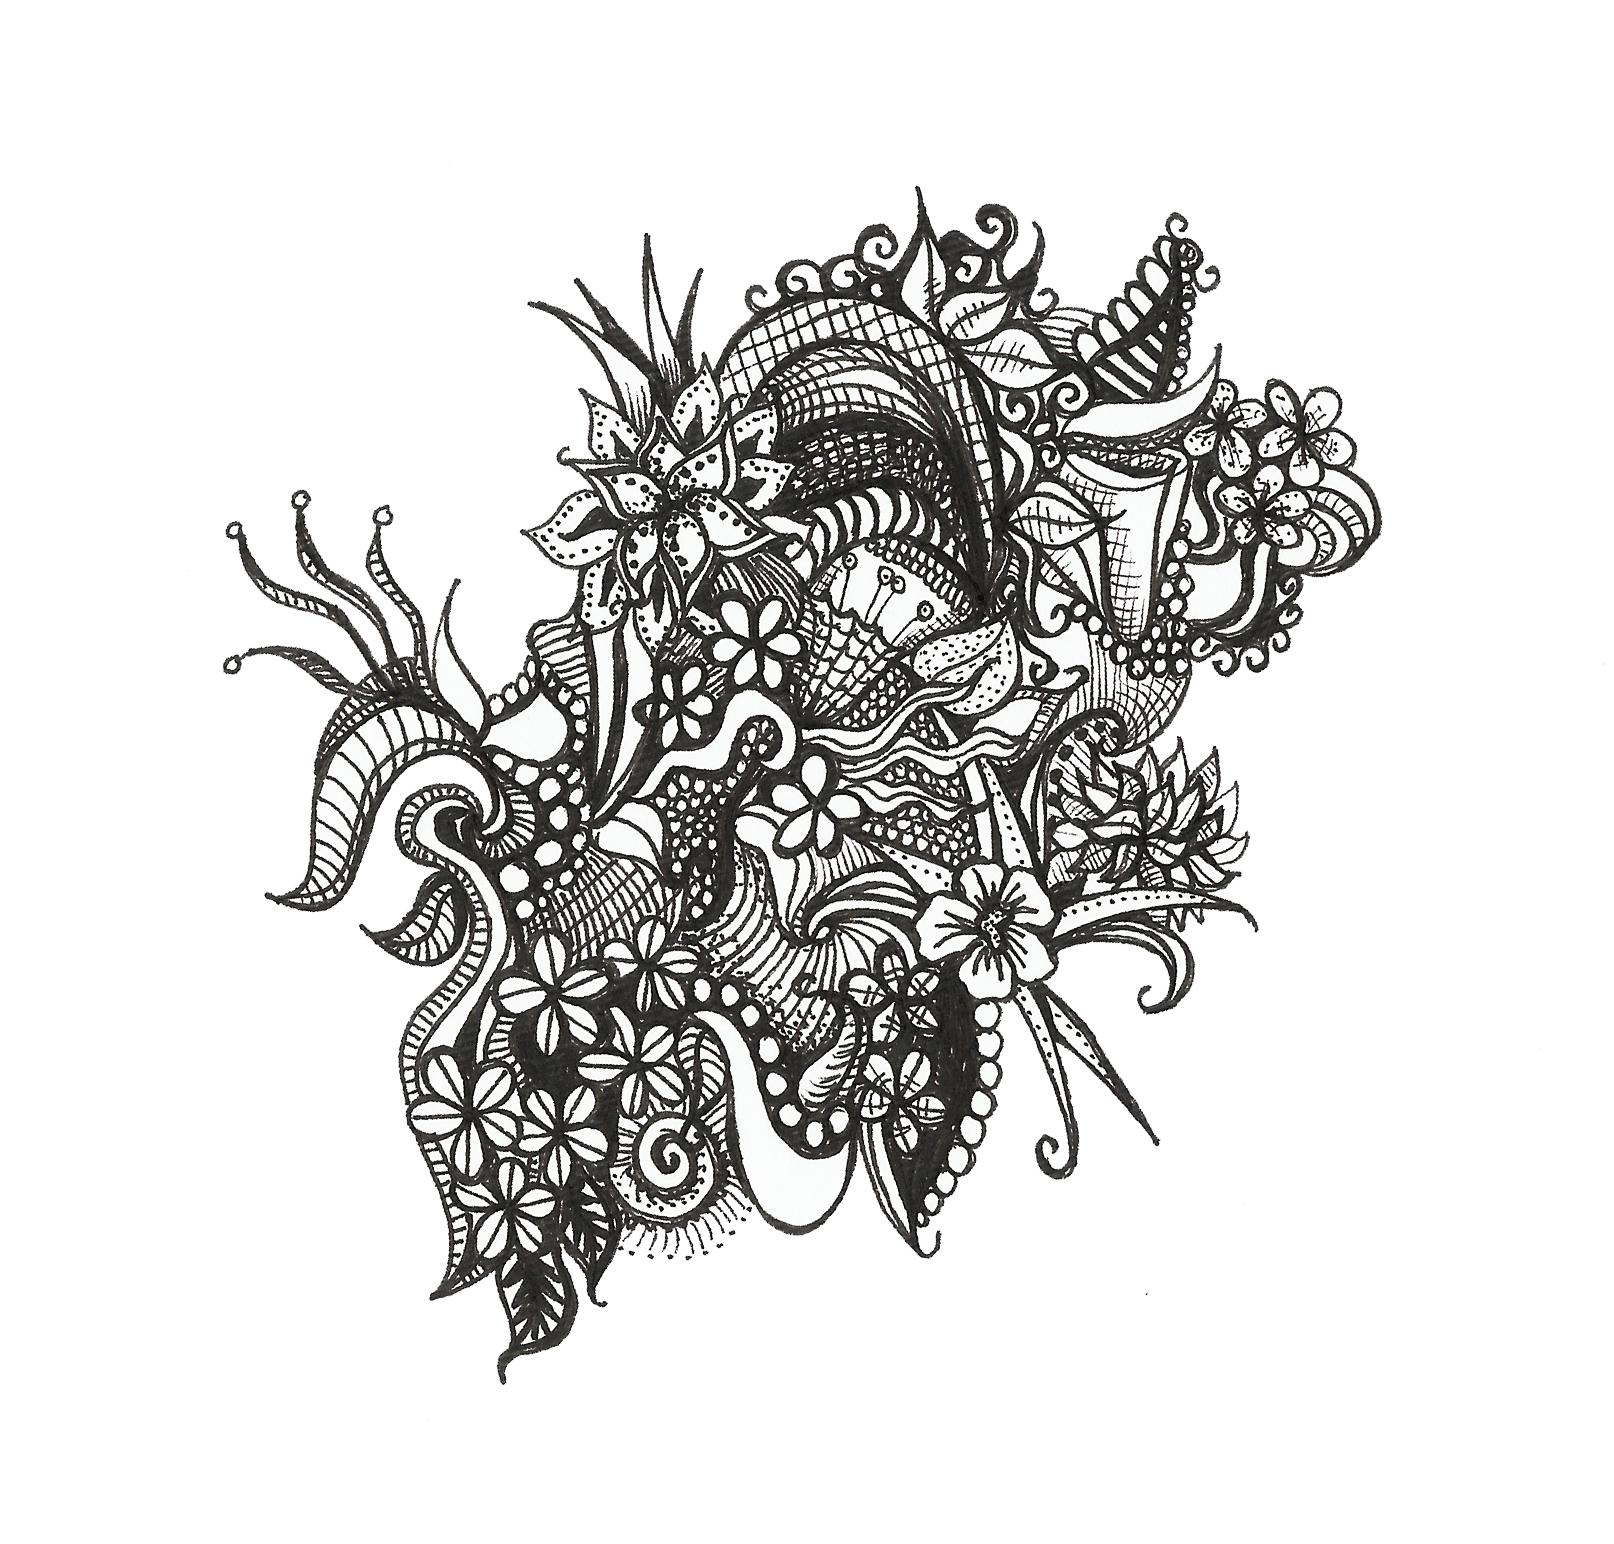 Doodle away